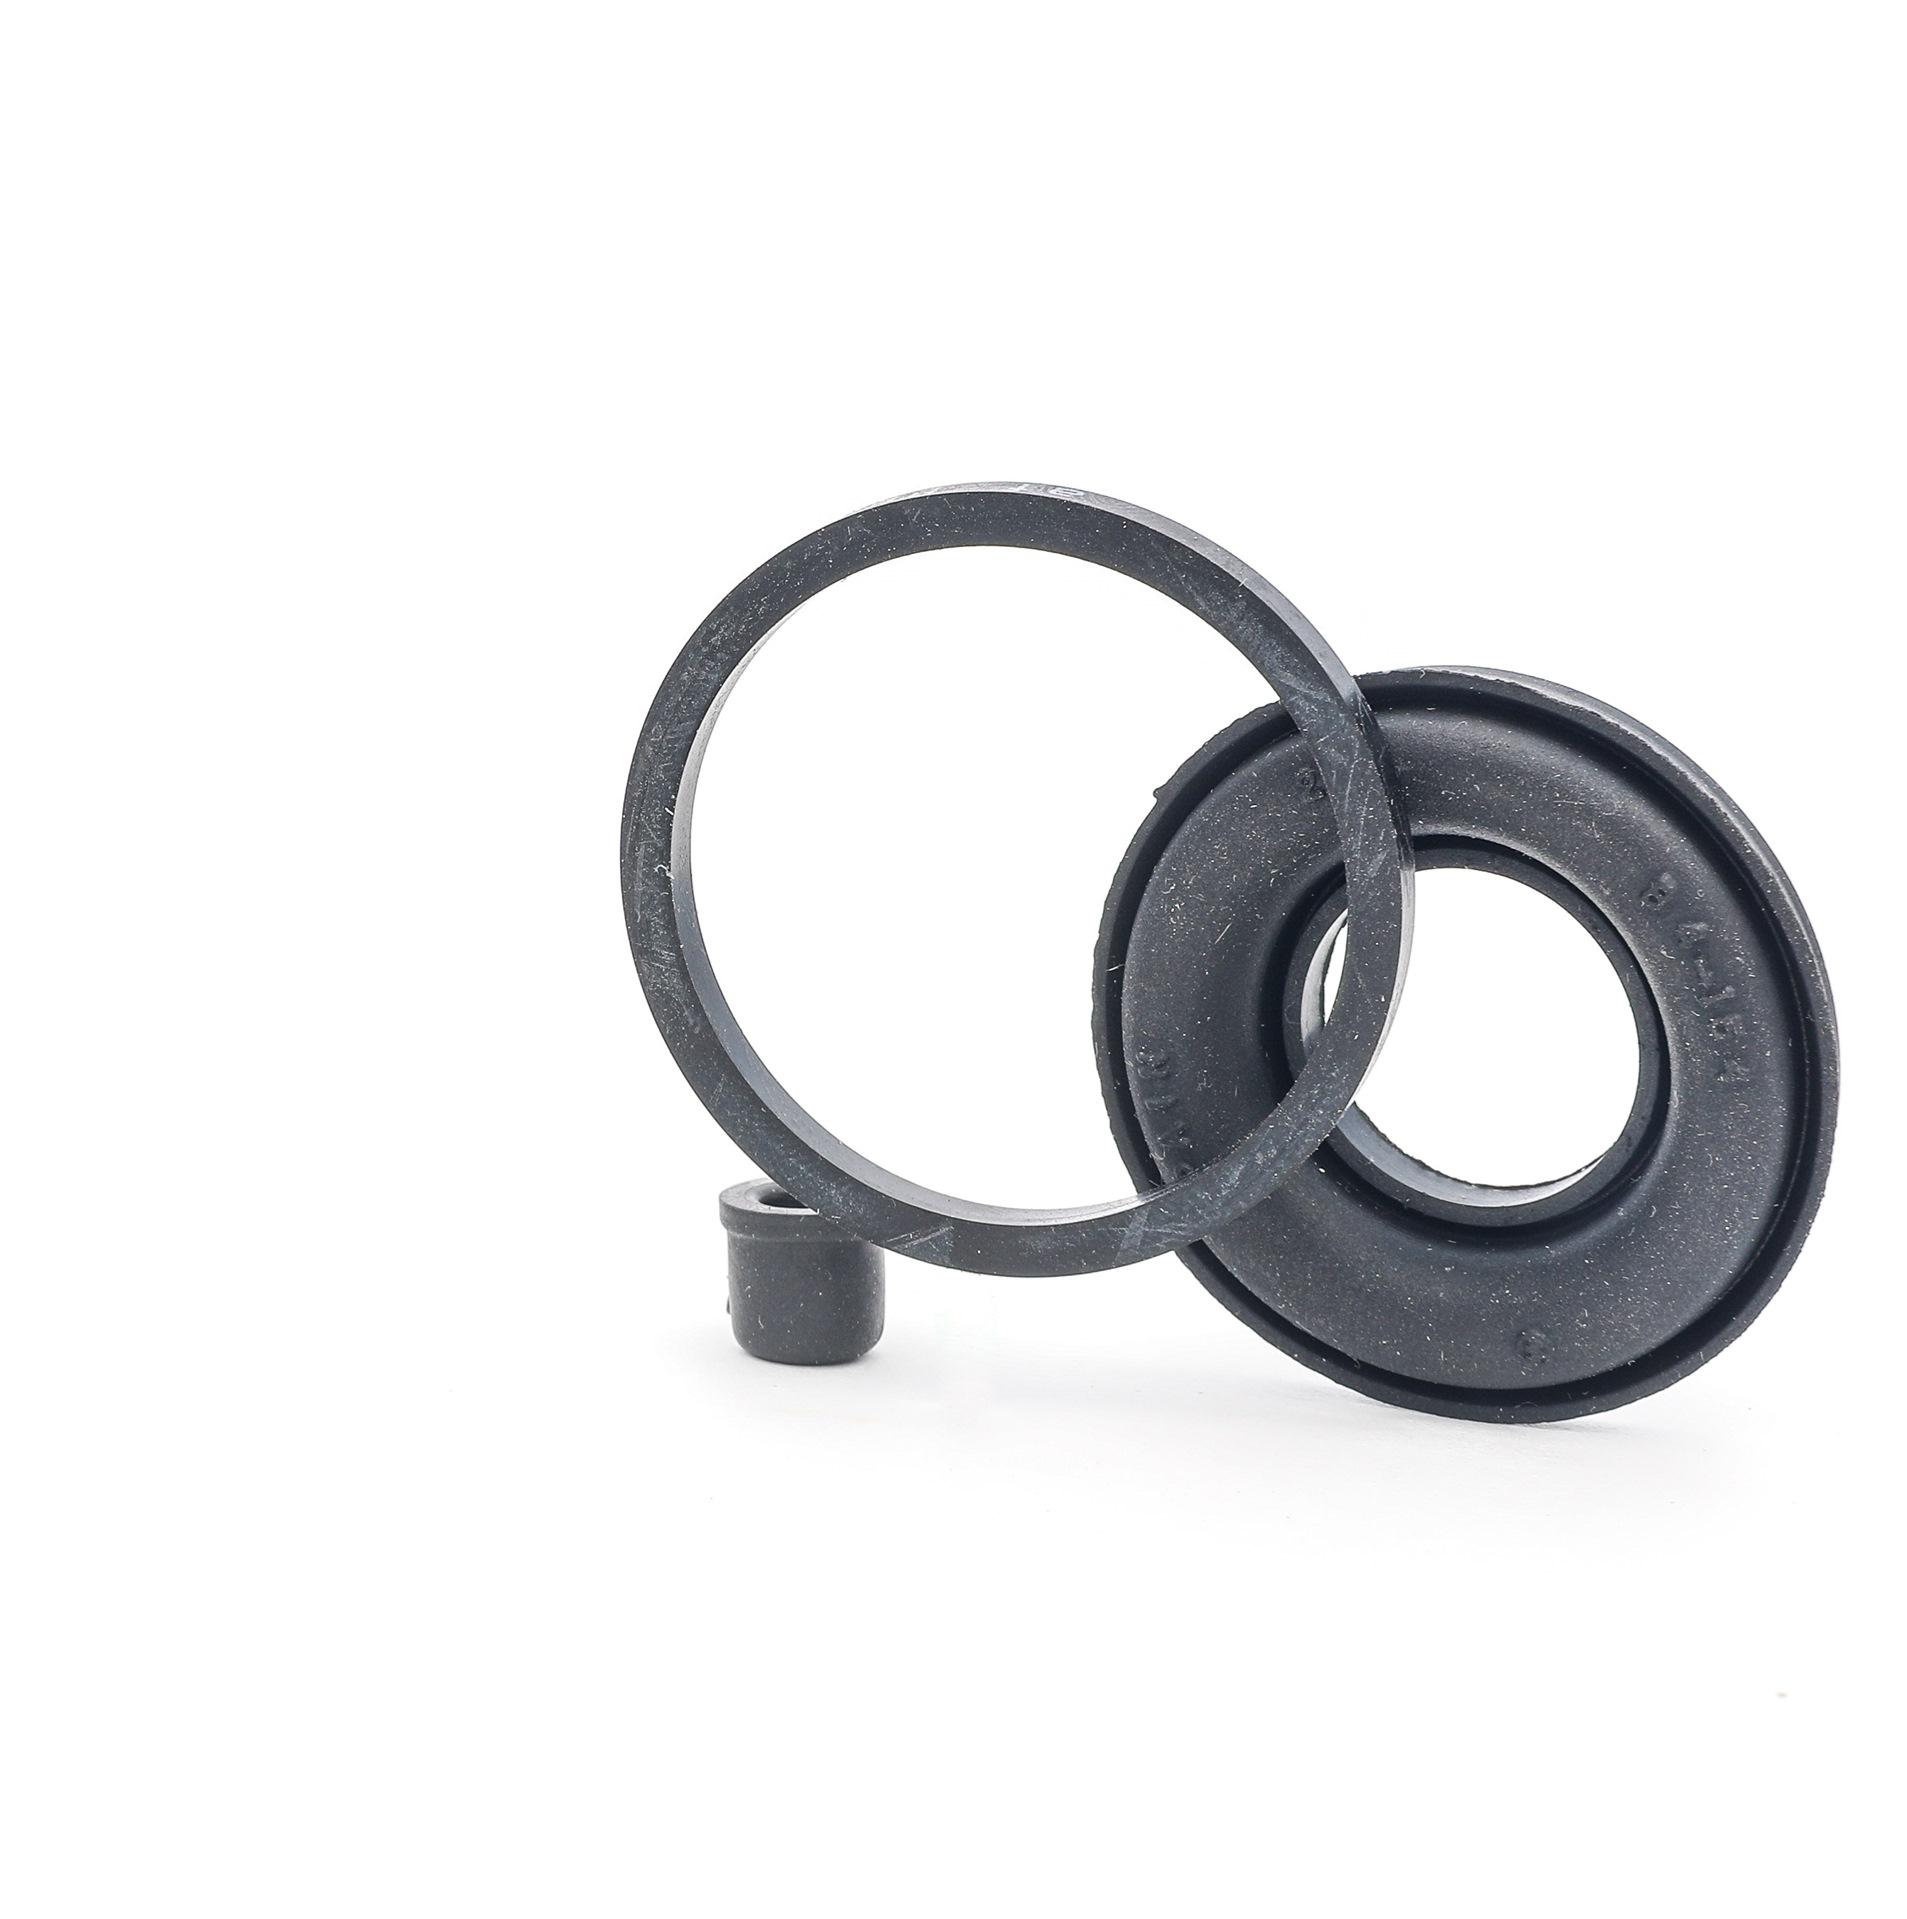 Achetez Kits de réparation AUTOFREN SEINSA D4055 (Ø: 38mm) à un rapport qualité-prix exceptionnel